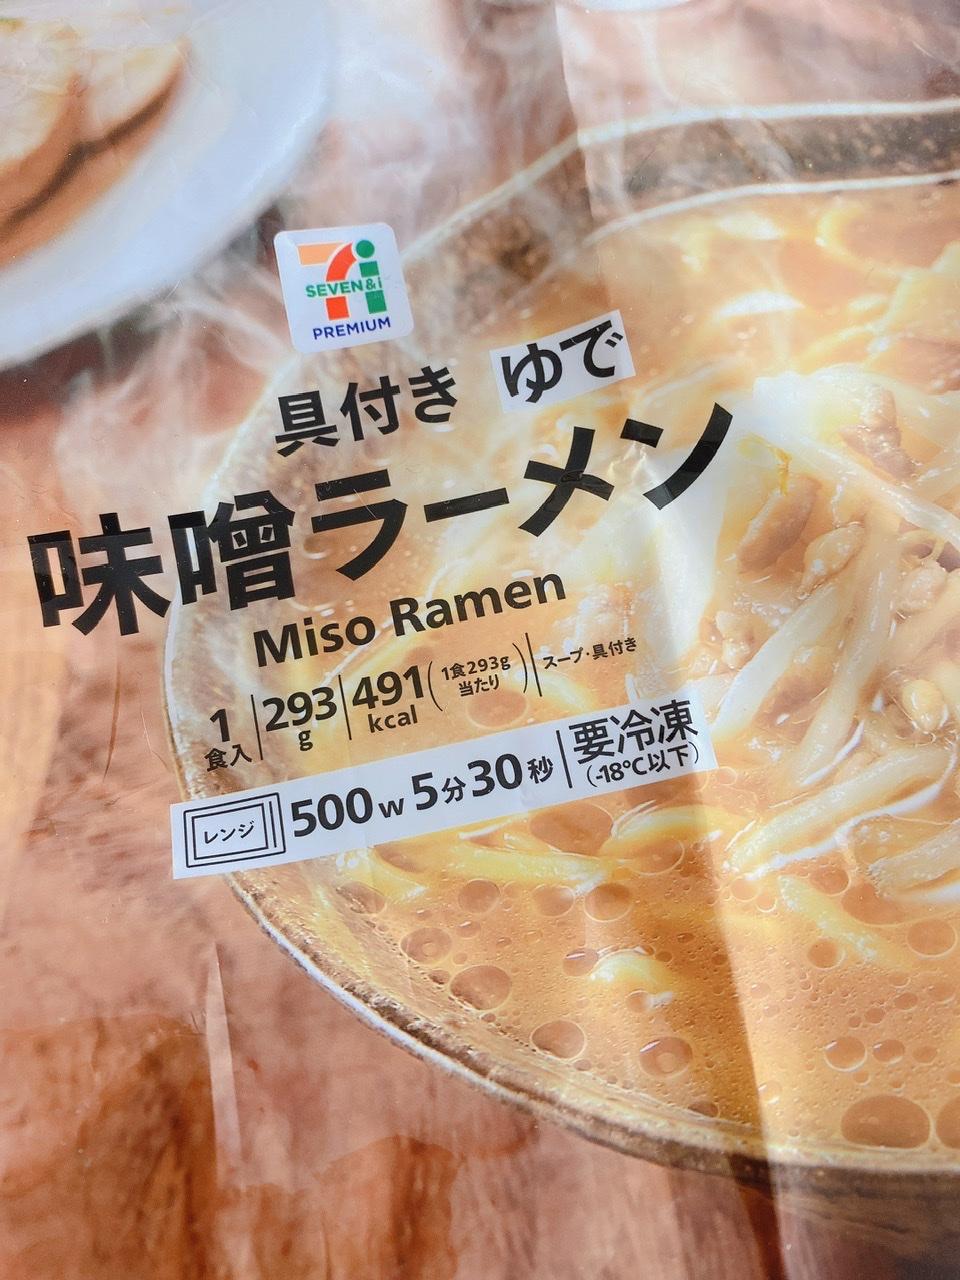 セブンイレブン購入「味噌ラーメン」